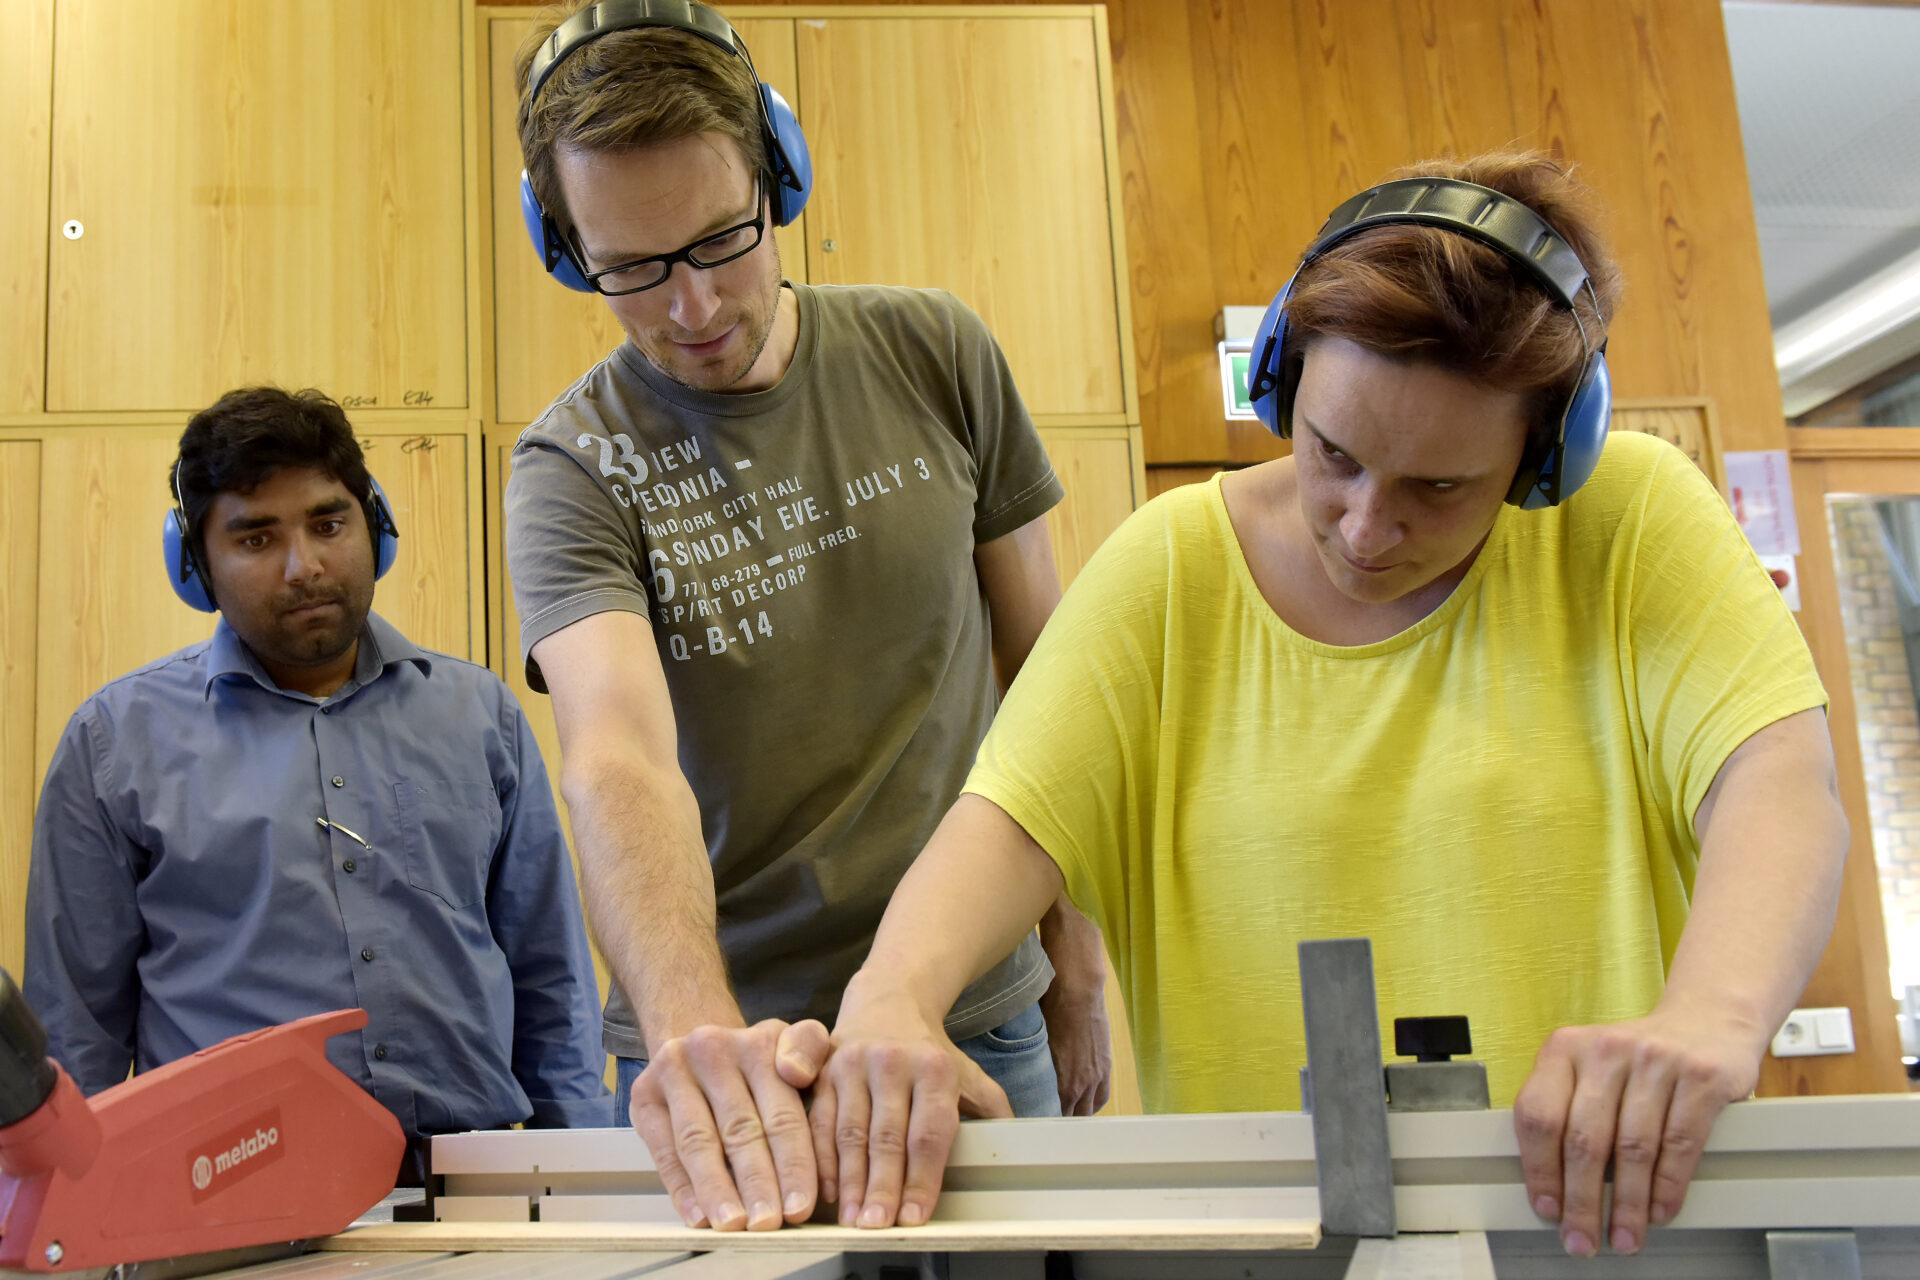 Das Bild zeigt 2 Auszubildende, eine Frau und ein Mann, mit einem Ausbilder an einer Holzwerkbank